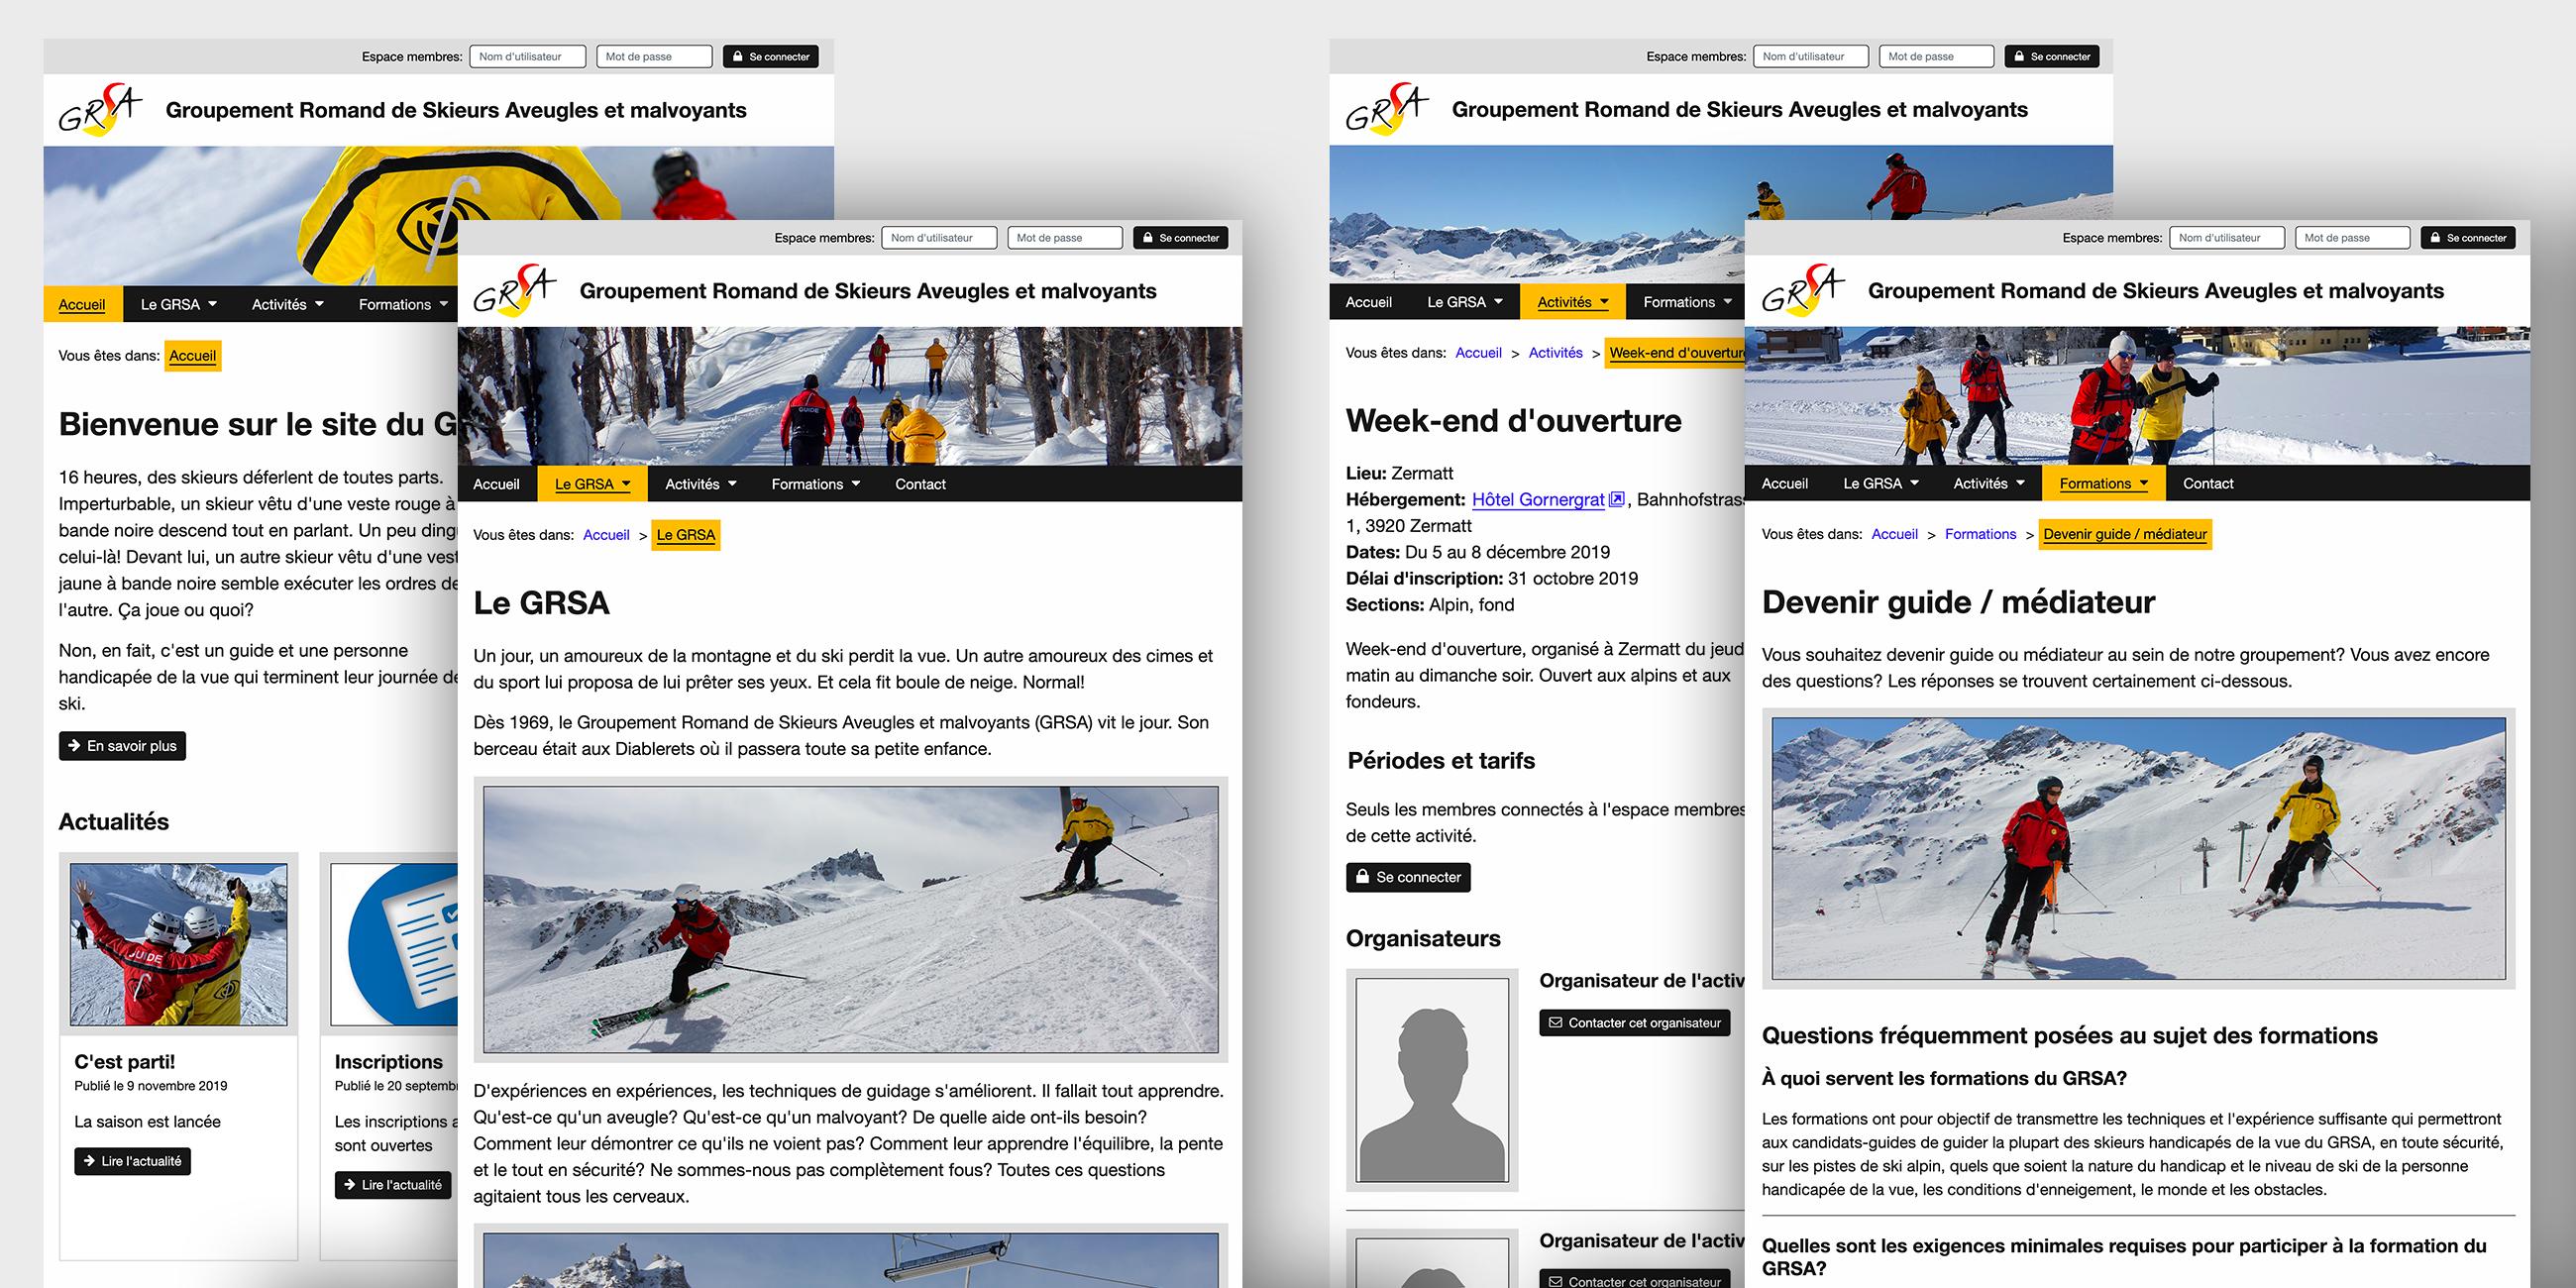 Groupement Romand de Skieurs Aveugles et malvoyants